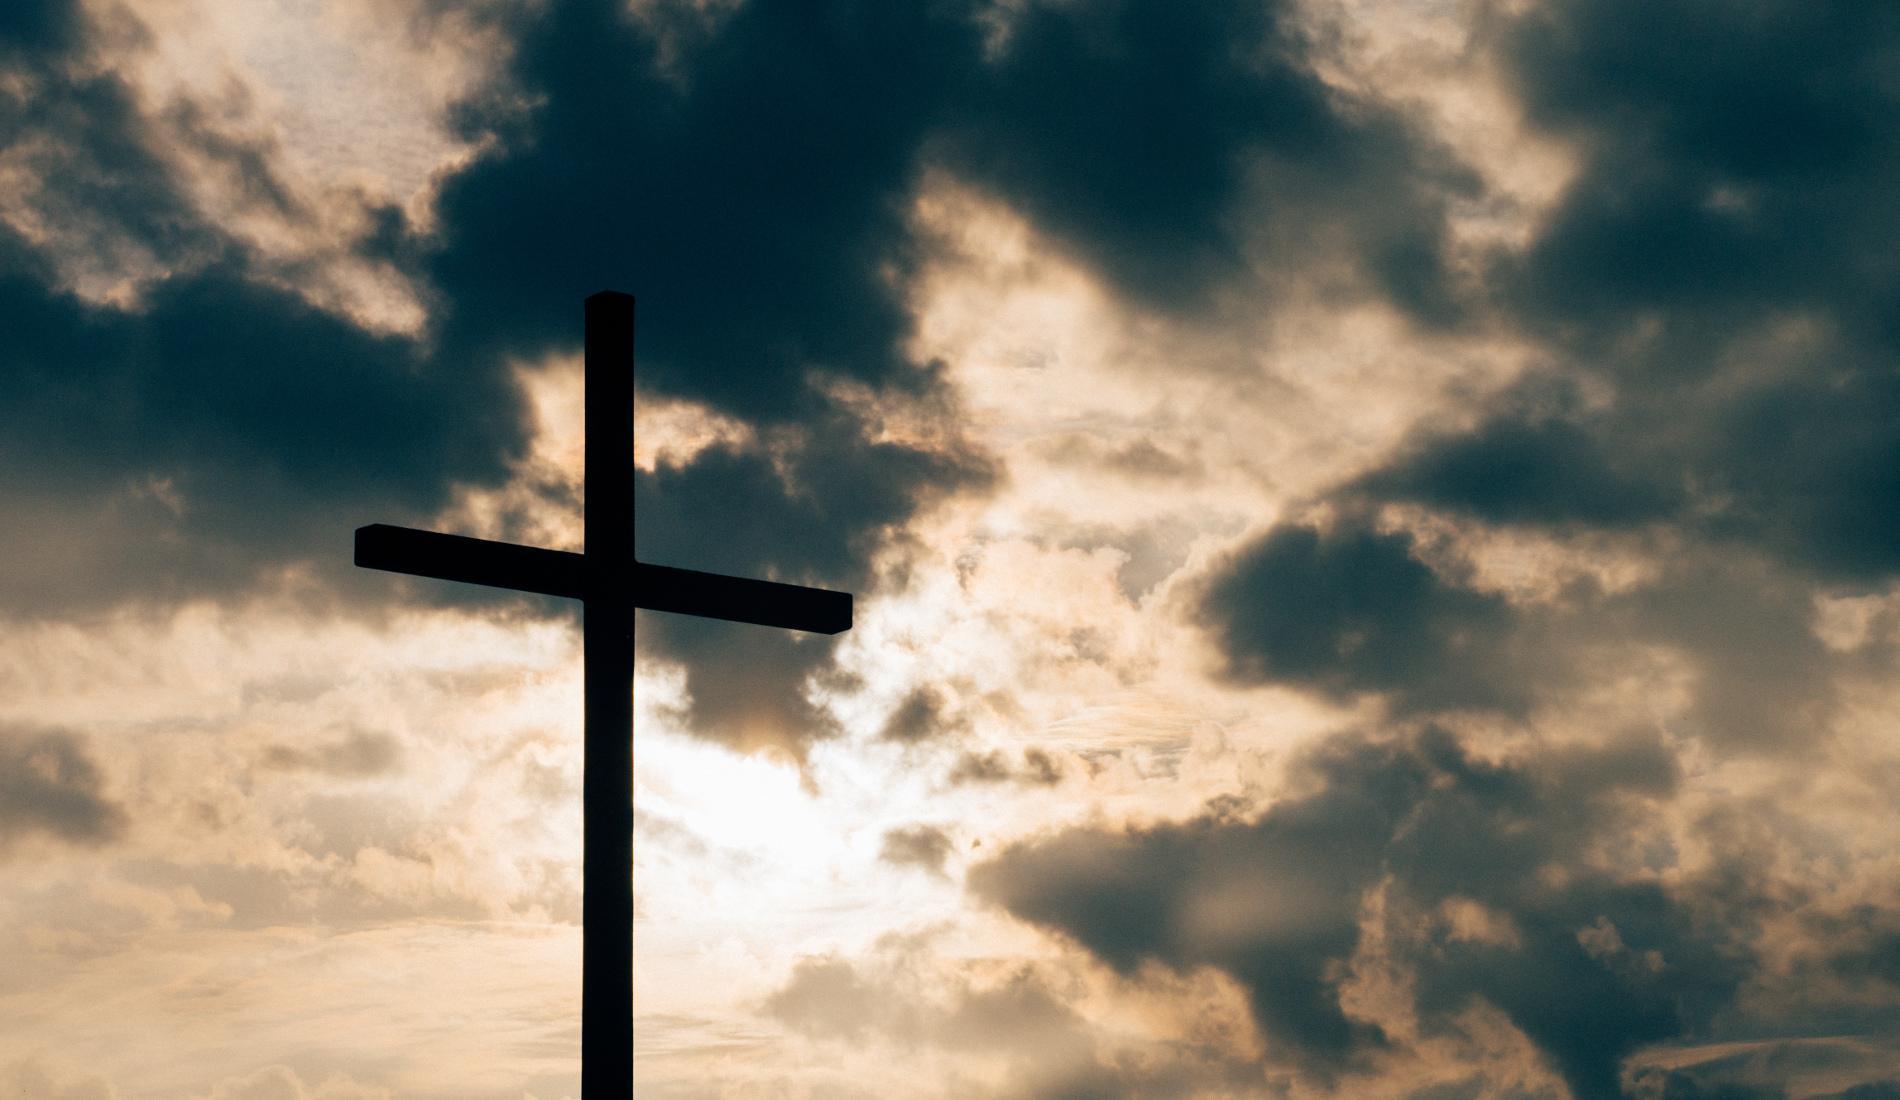 ¿Qué era la crucifixión?